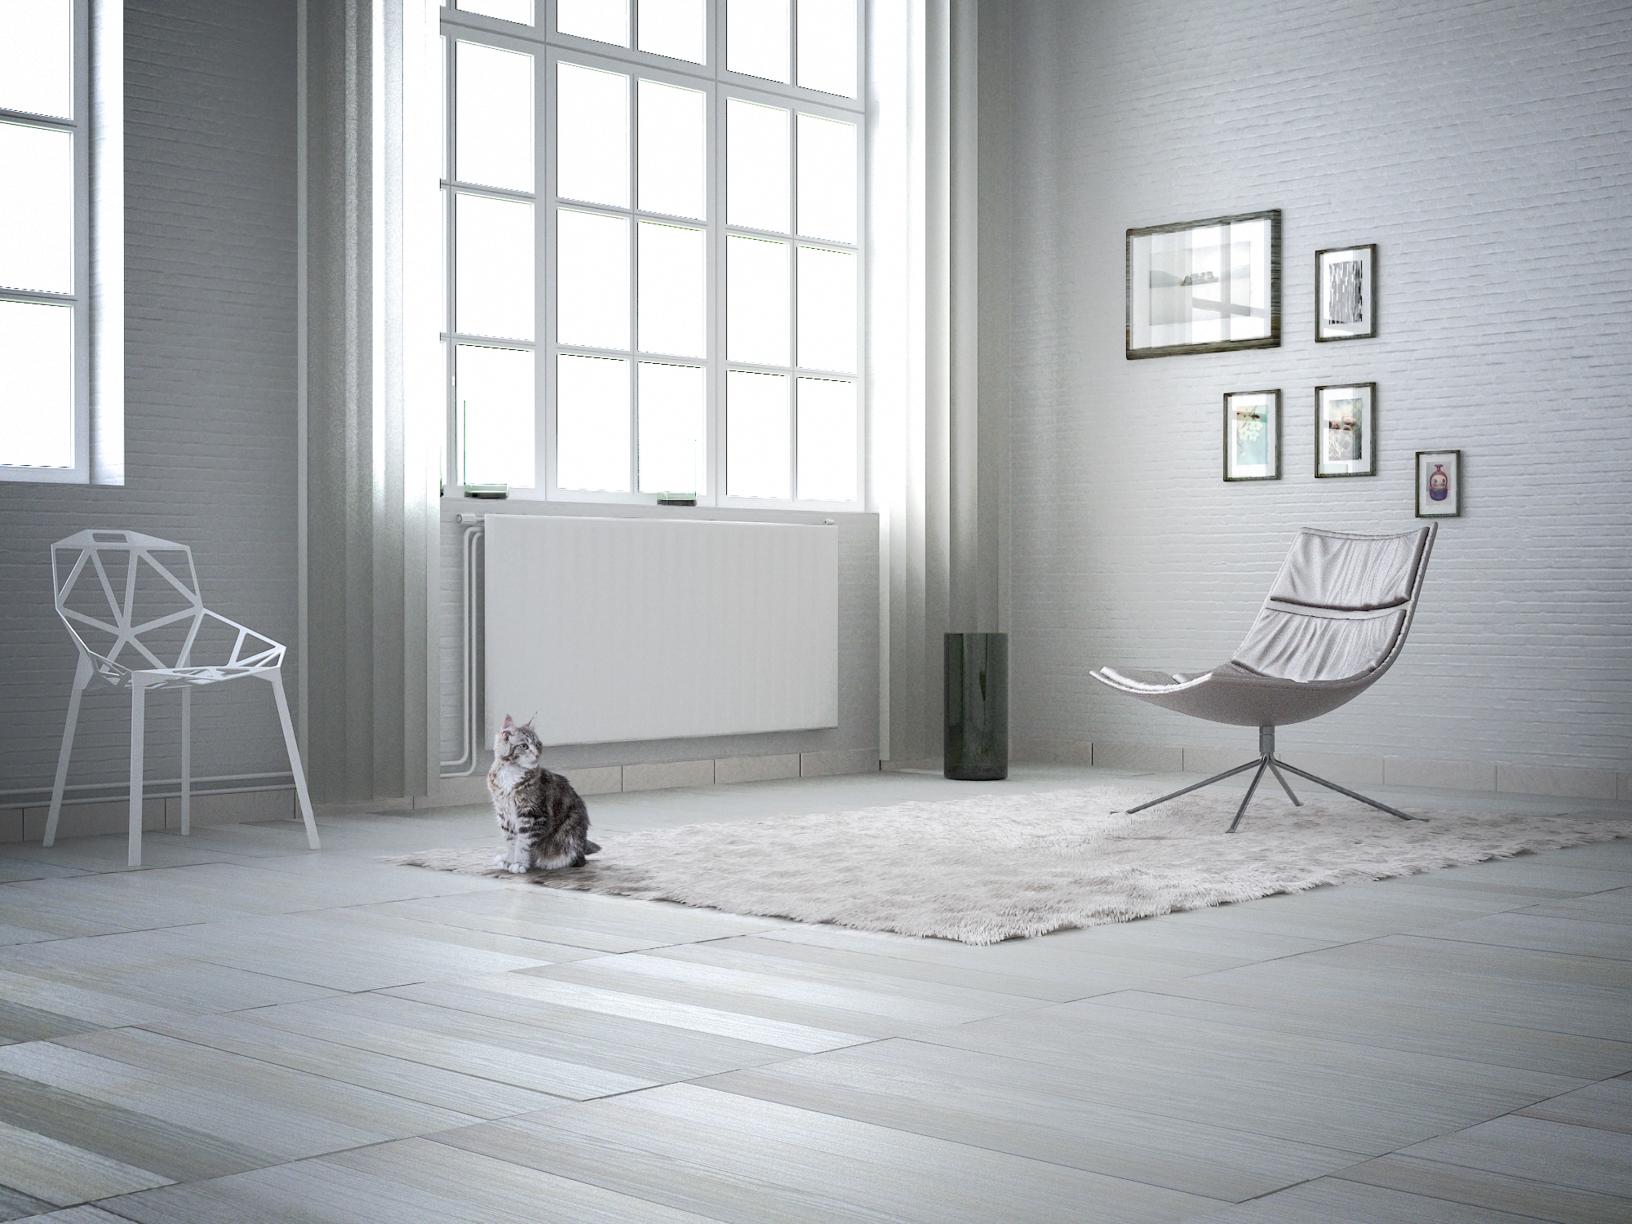 Perspectives en 3D intérieures et extérieures par l'agence Dripmoon